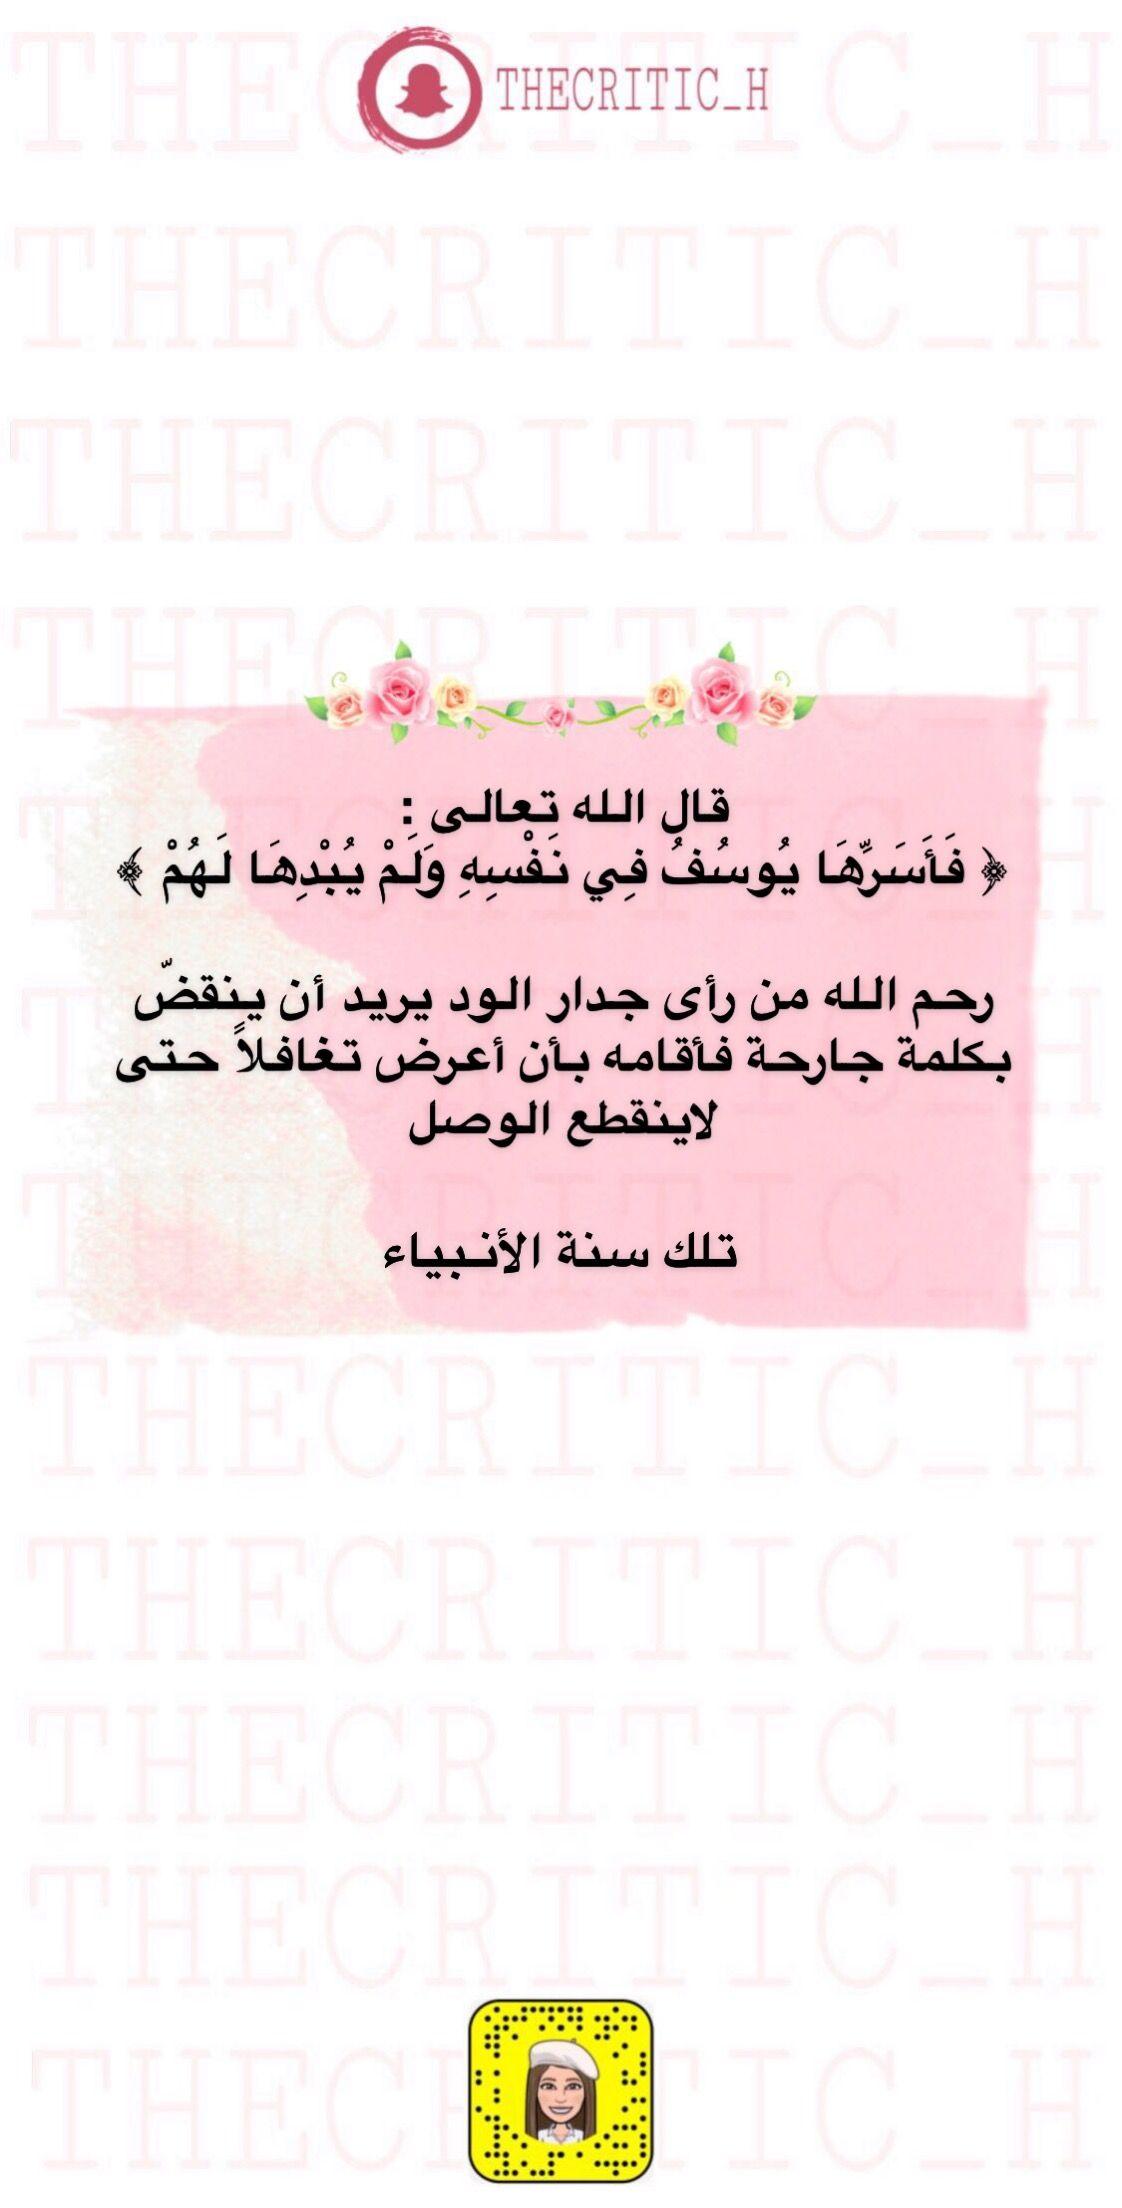 يوسف عليه السلام Arabic Quotes Word Search Puzzle Words